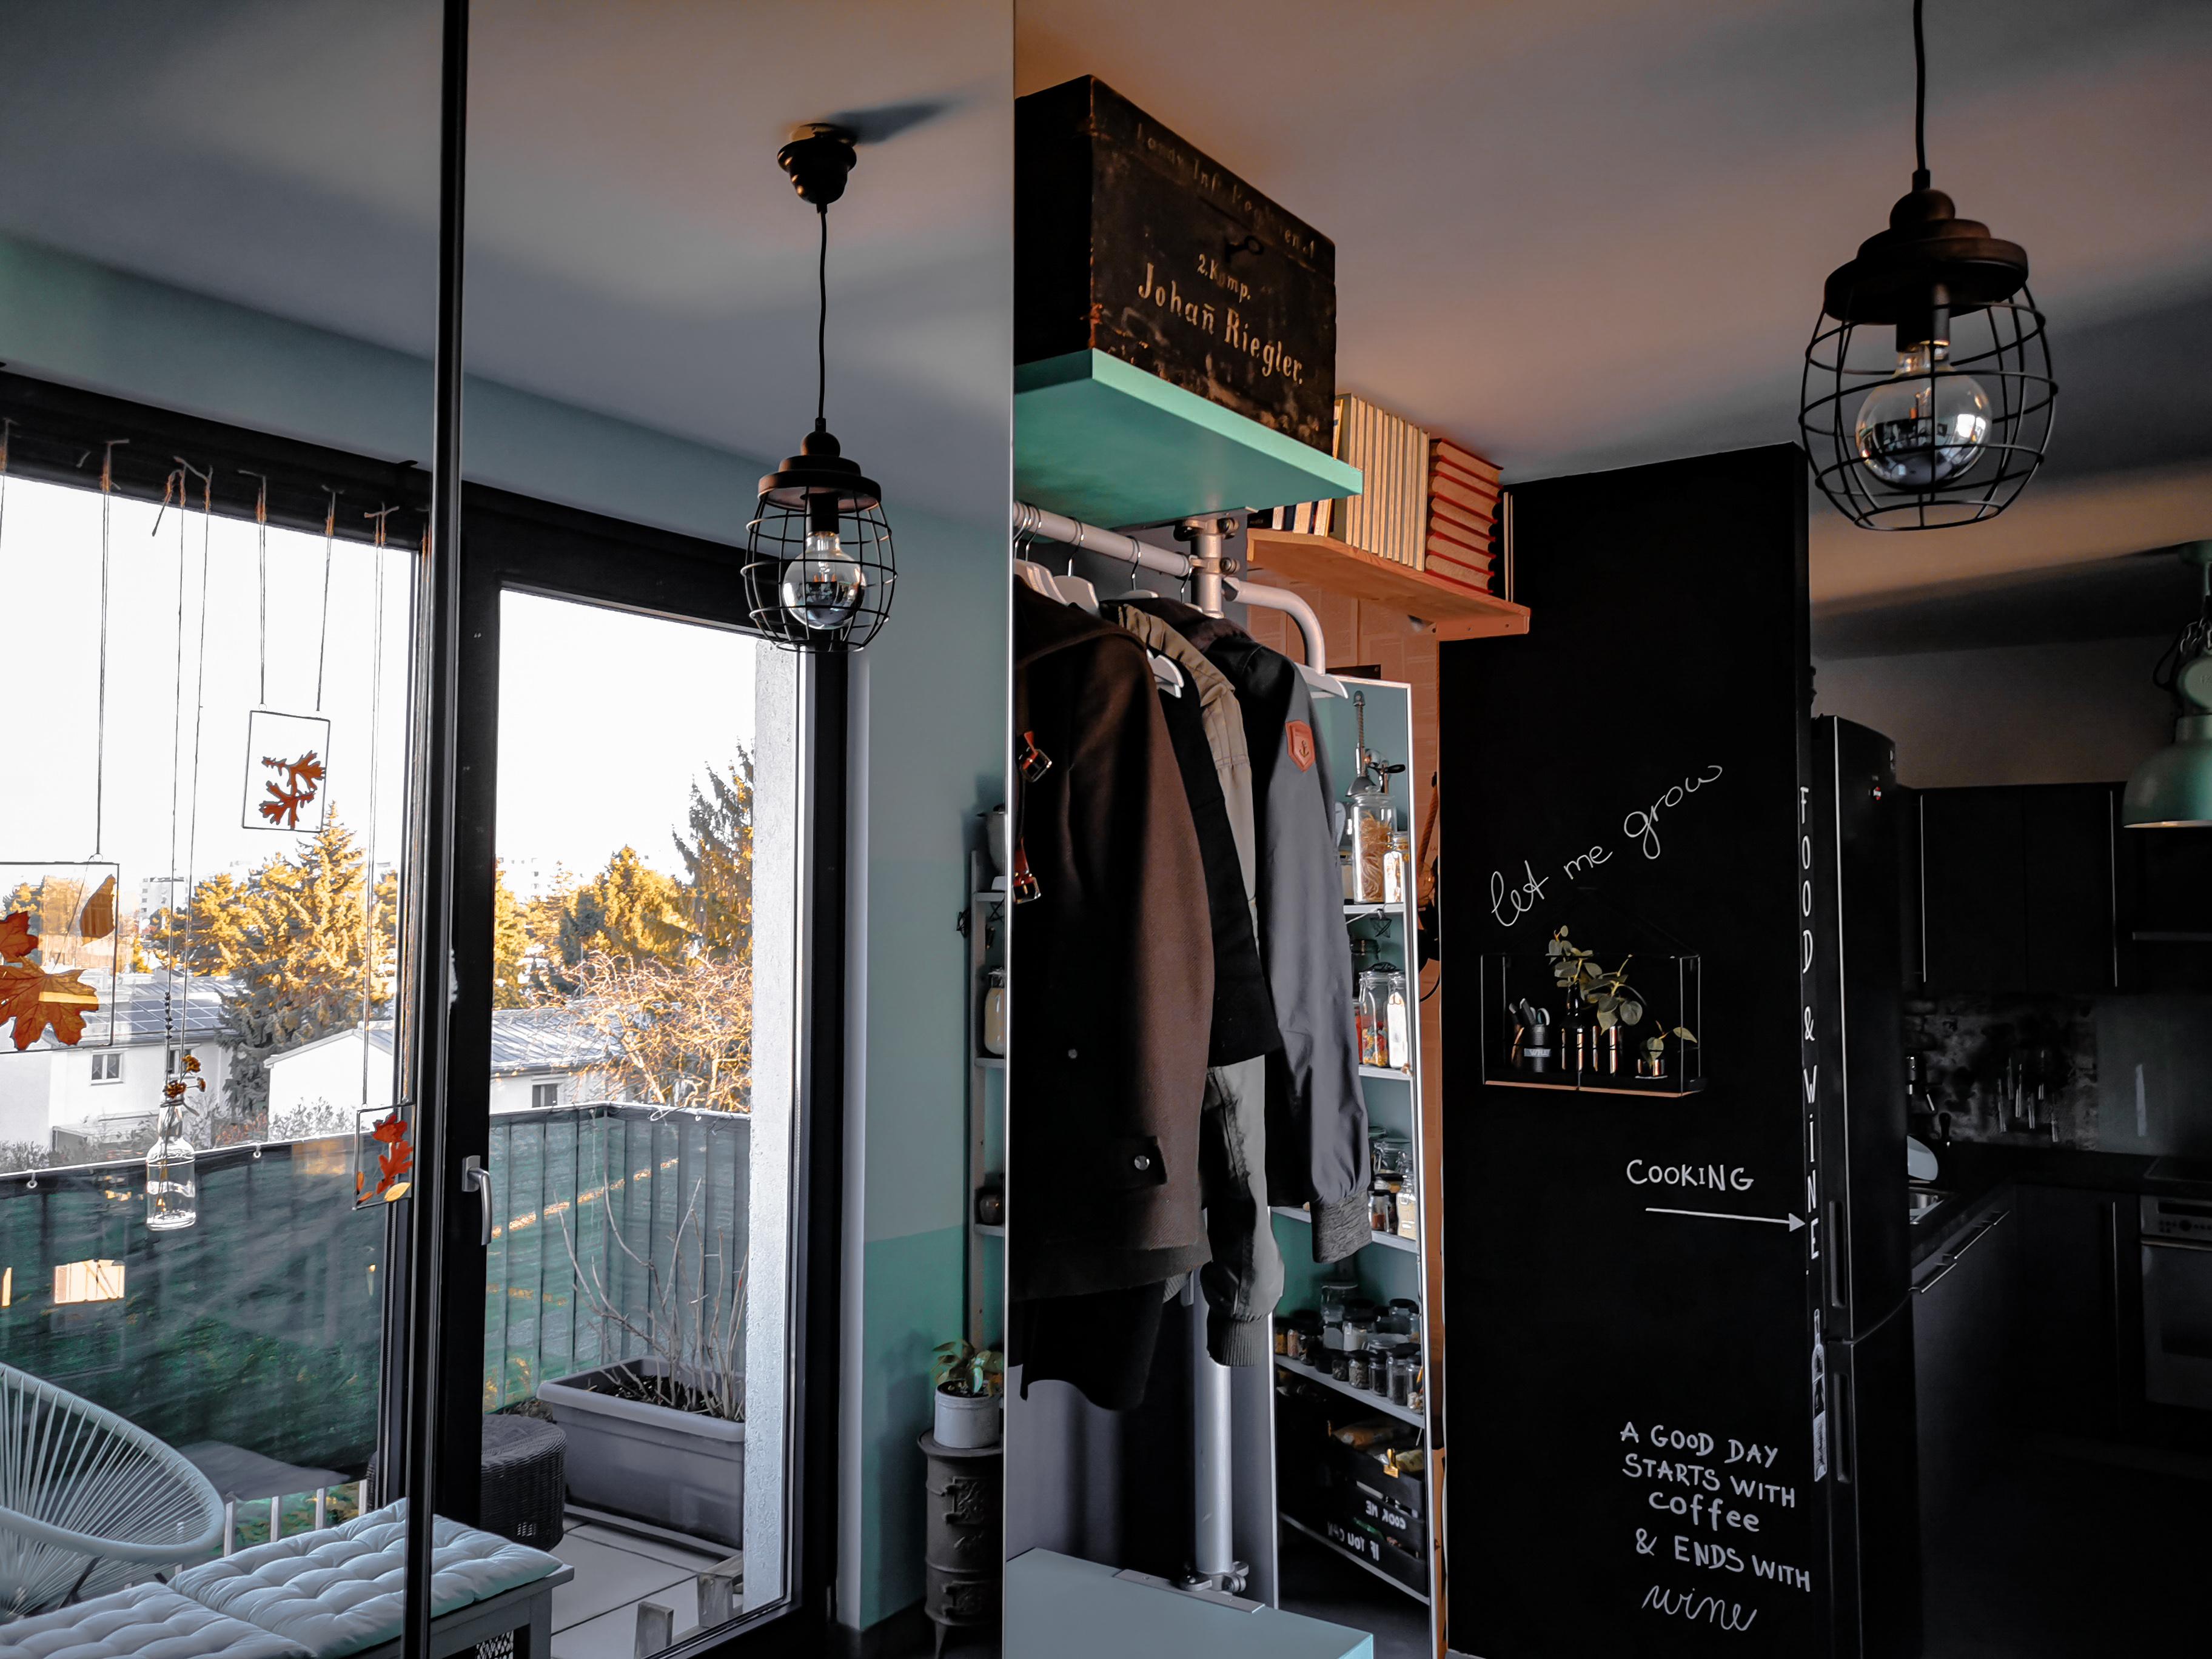 IMG 20200208 154553 1 - Projekt Vorzimmer: 11 DIY-Ideen an einem Ort